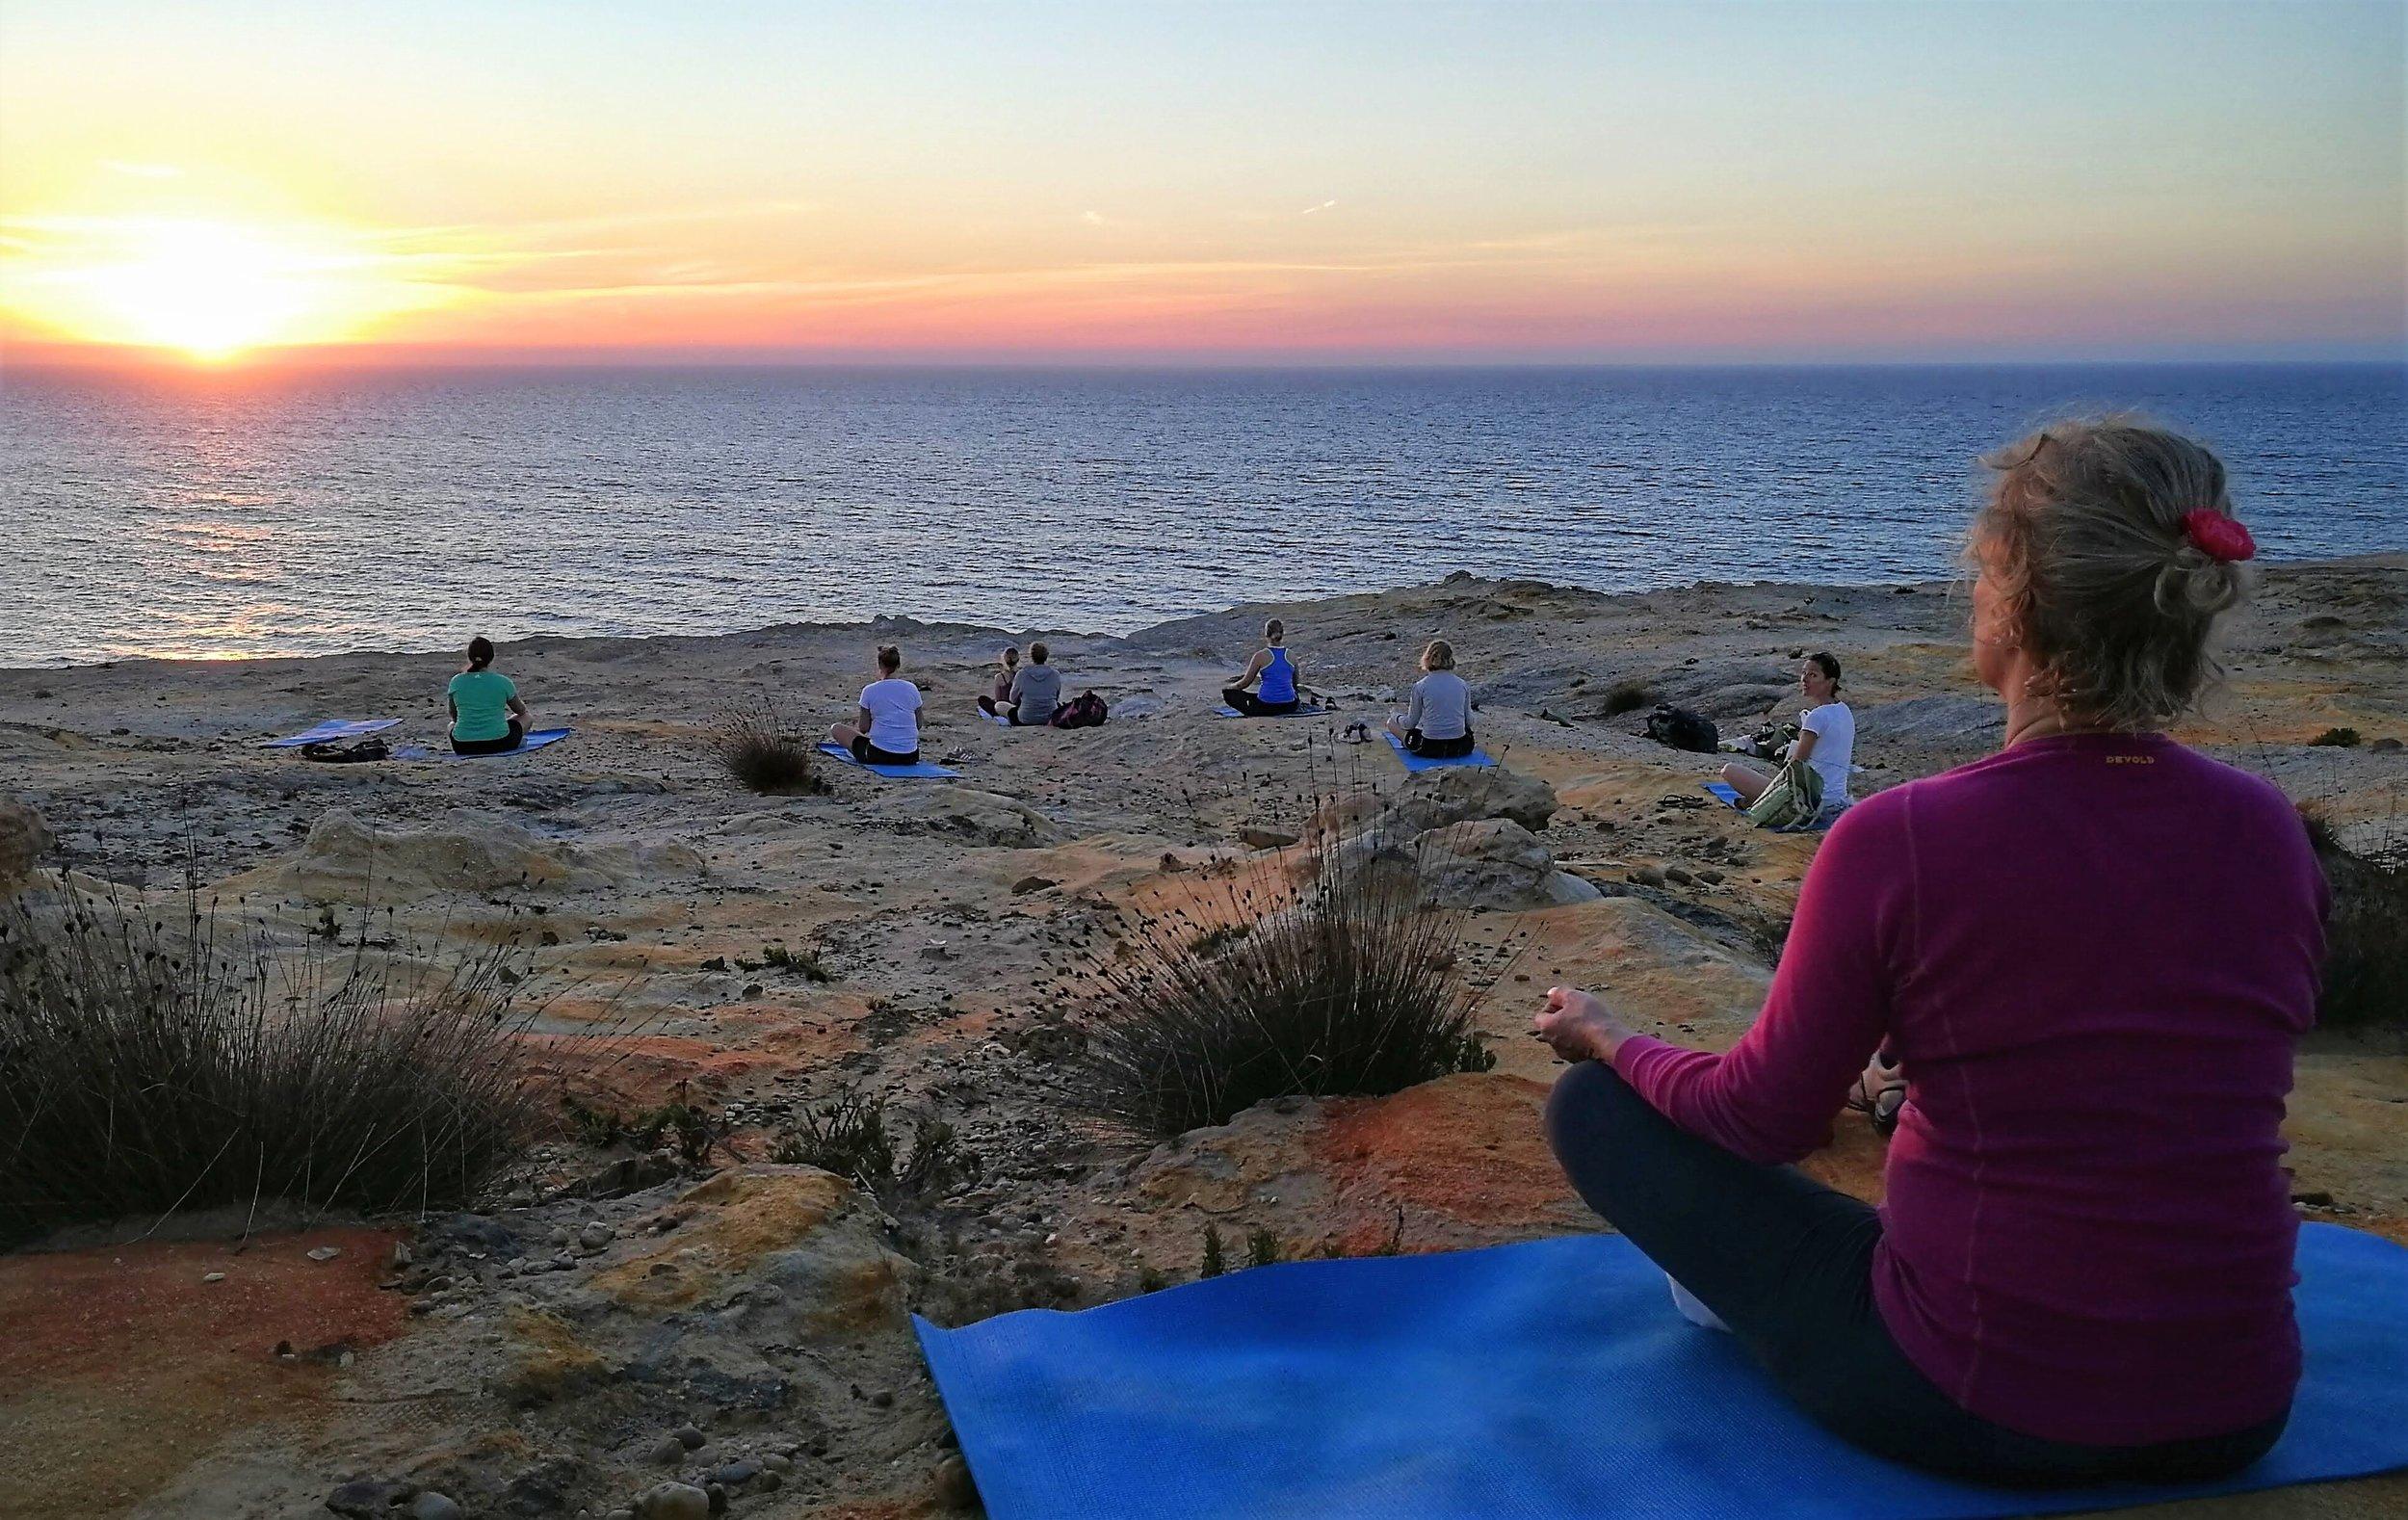 Du kan glede deg til yoga og meditasjon i solnedgang. Dette bildet er fra turen i 2018. Foto: Gnist Yoga.